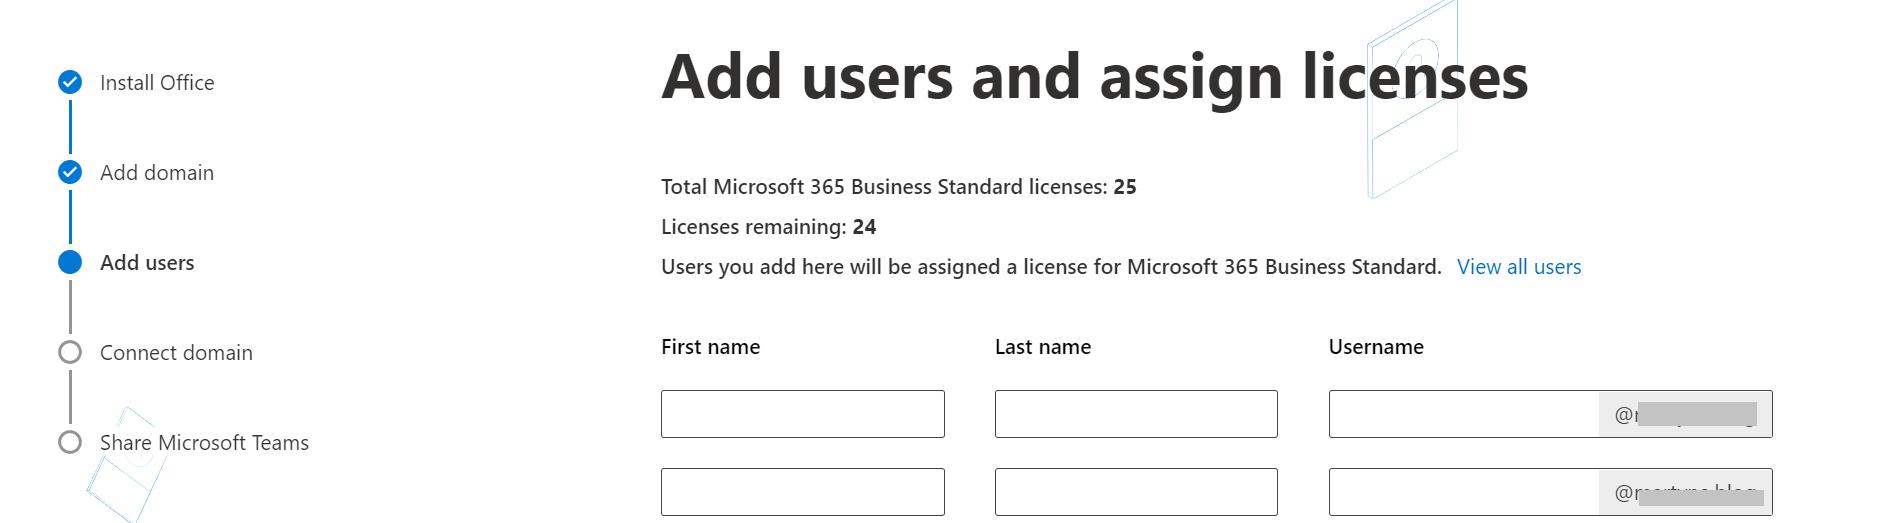 Agregar usuarios a una dirección de correo electrónico de marca personalizada en Office 365.